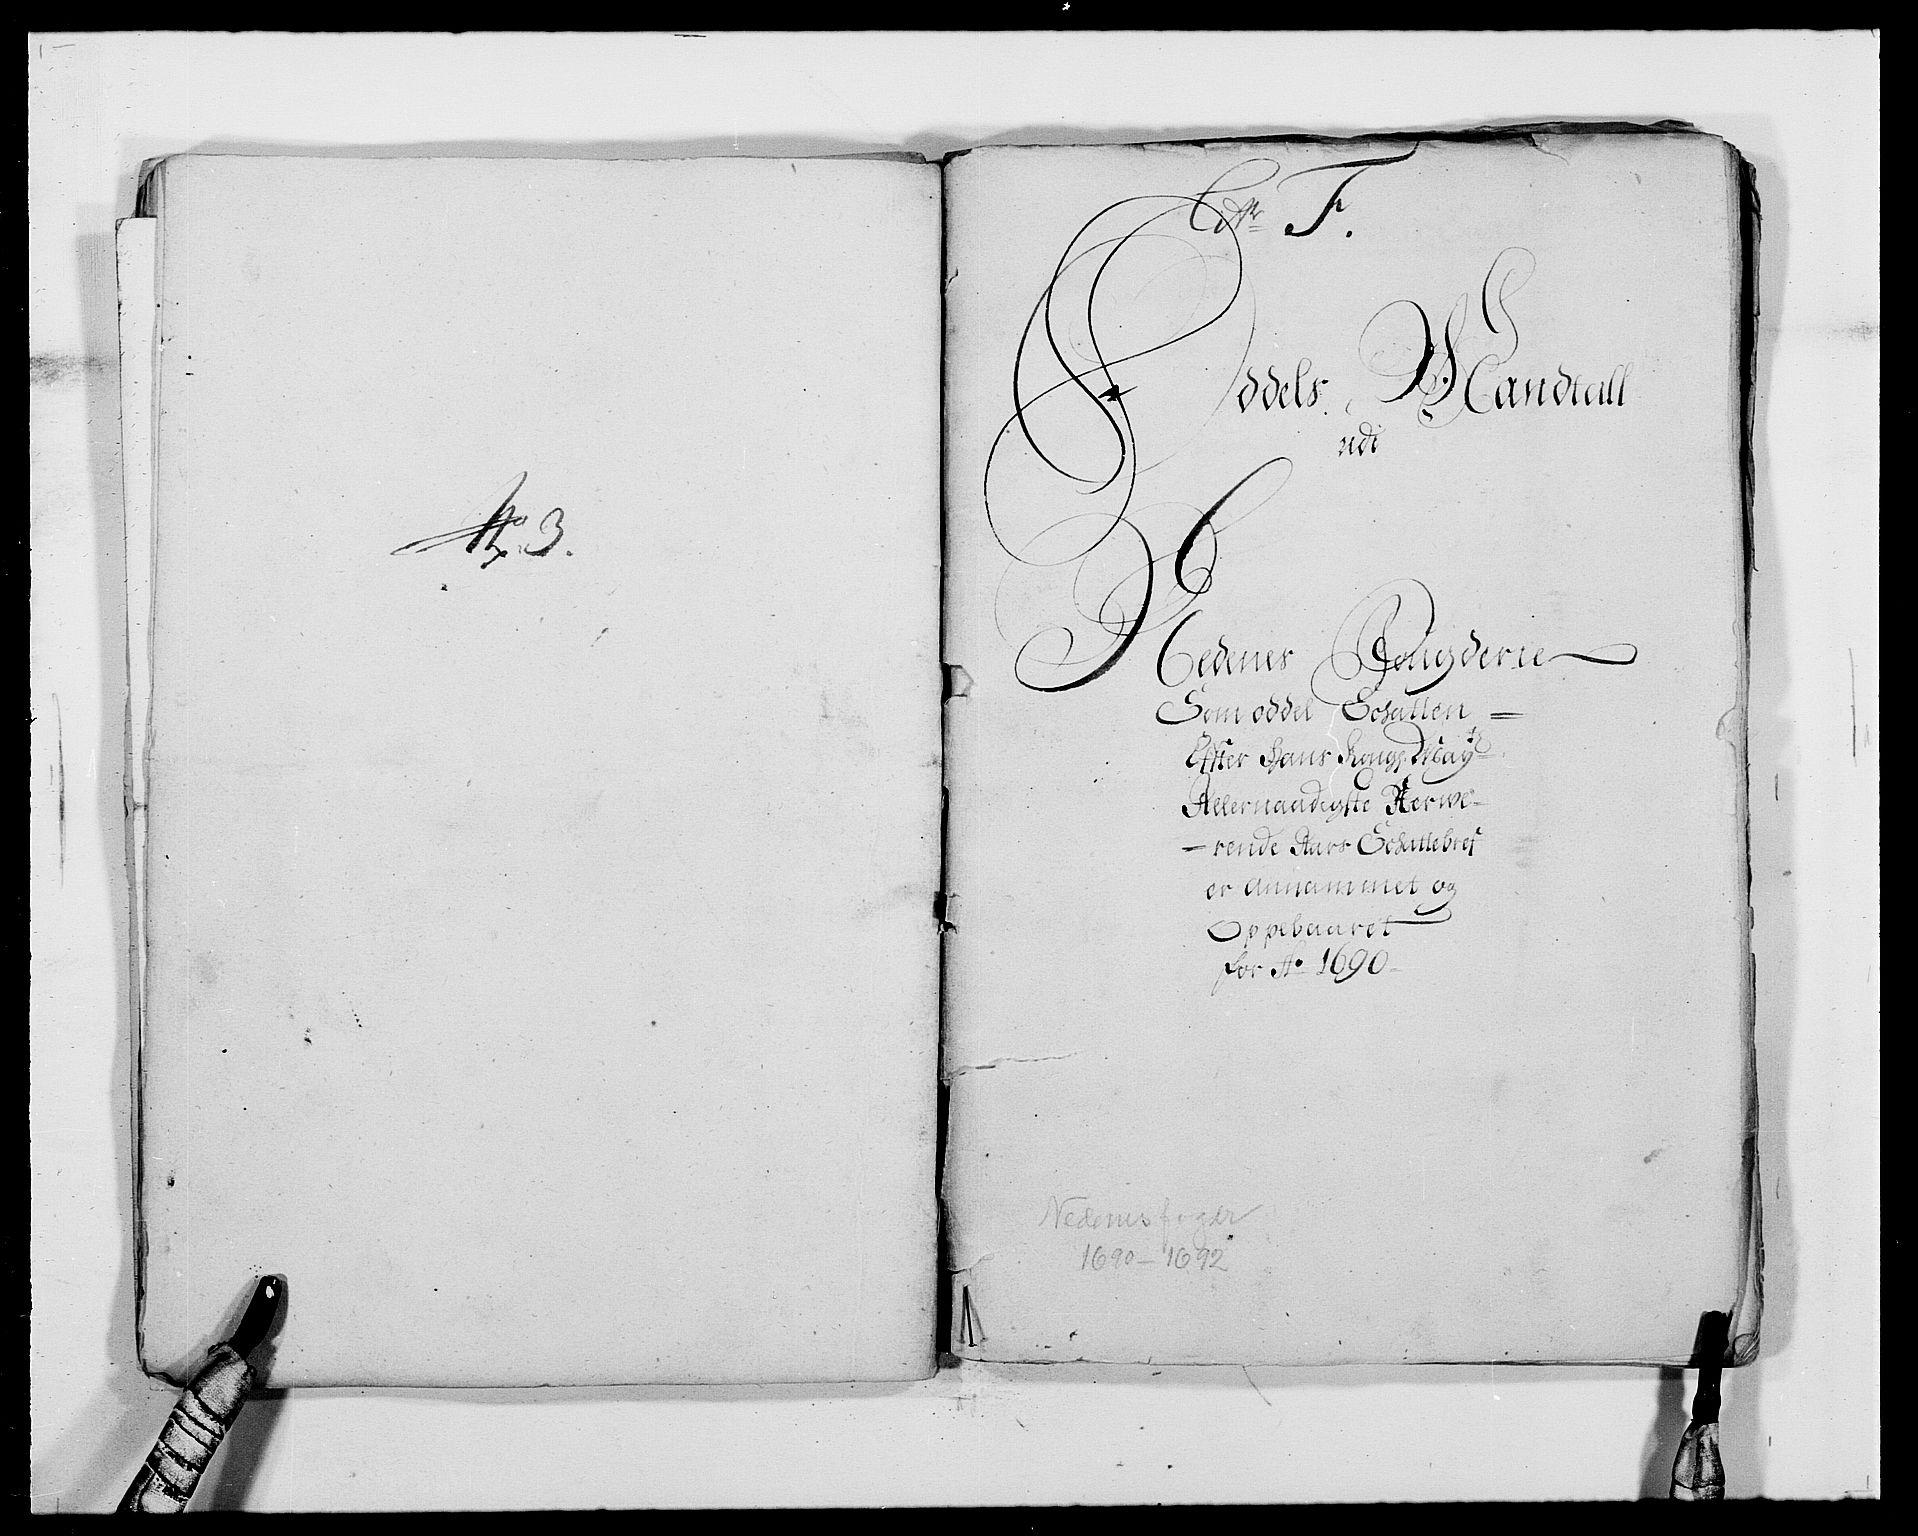 RA, Rentekammeret inntil 1814, Reviderte regnskaper, Fogderegnskap, R39/L2310: Fogderegnskap Nedenes, 1690-1692, s. 145